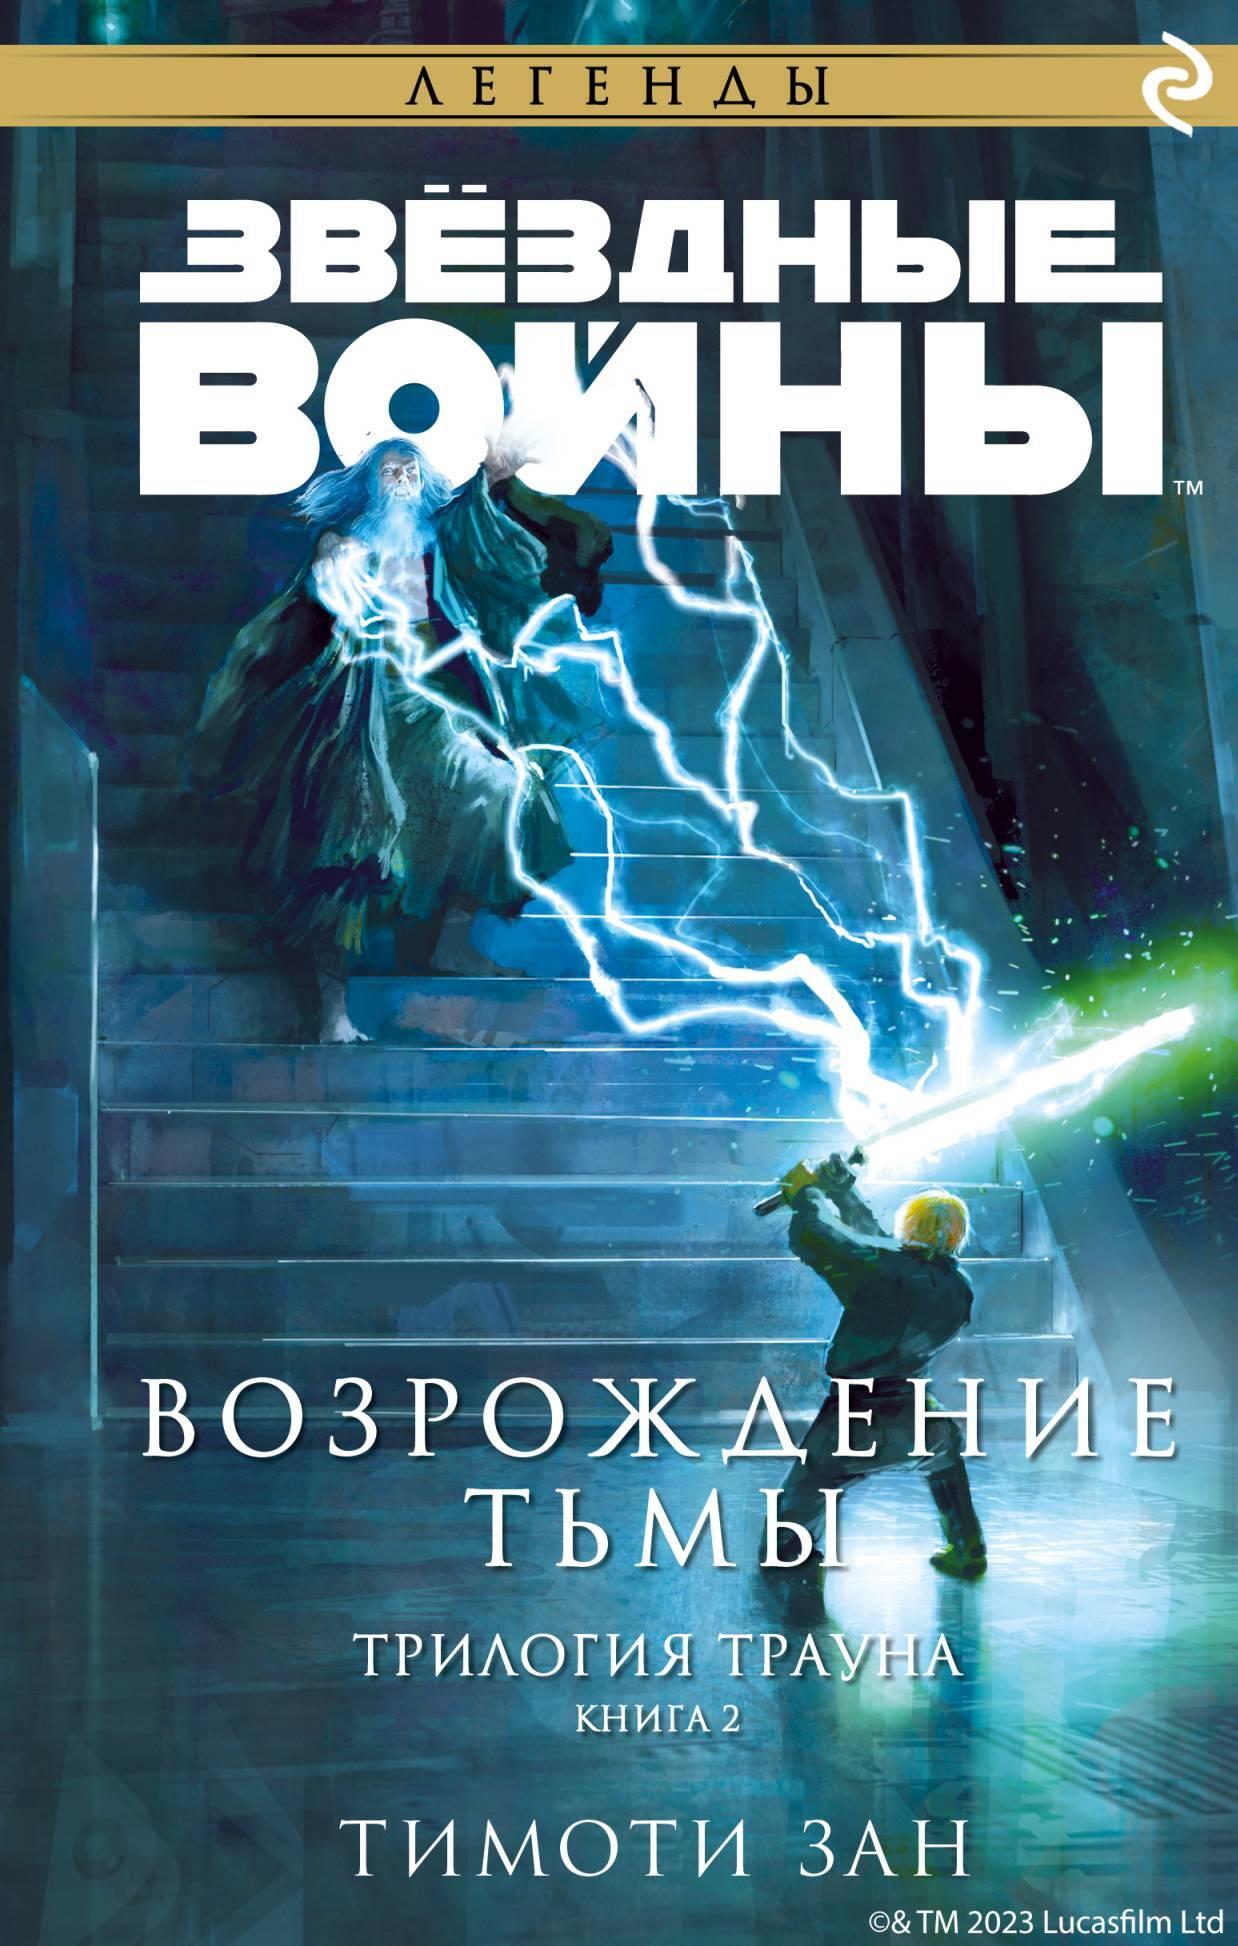 Обложка «Звёздные Войны. Трилогия о Трауне. Книга 2. Возрождение тьмы»